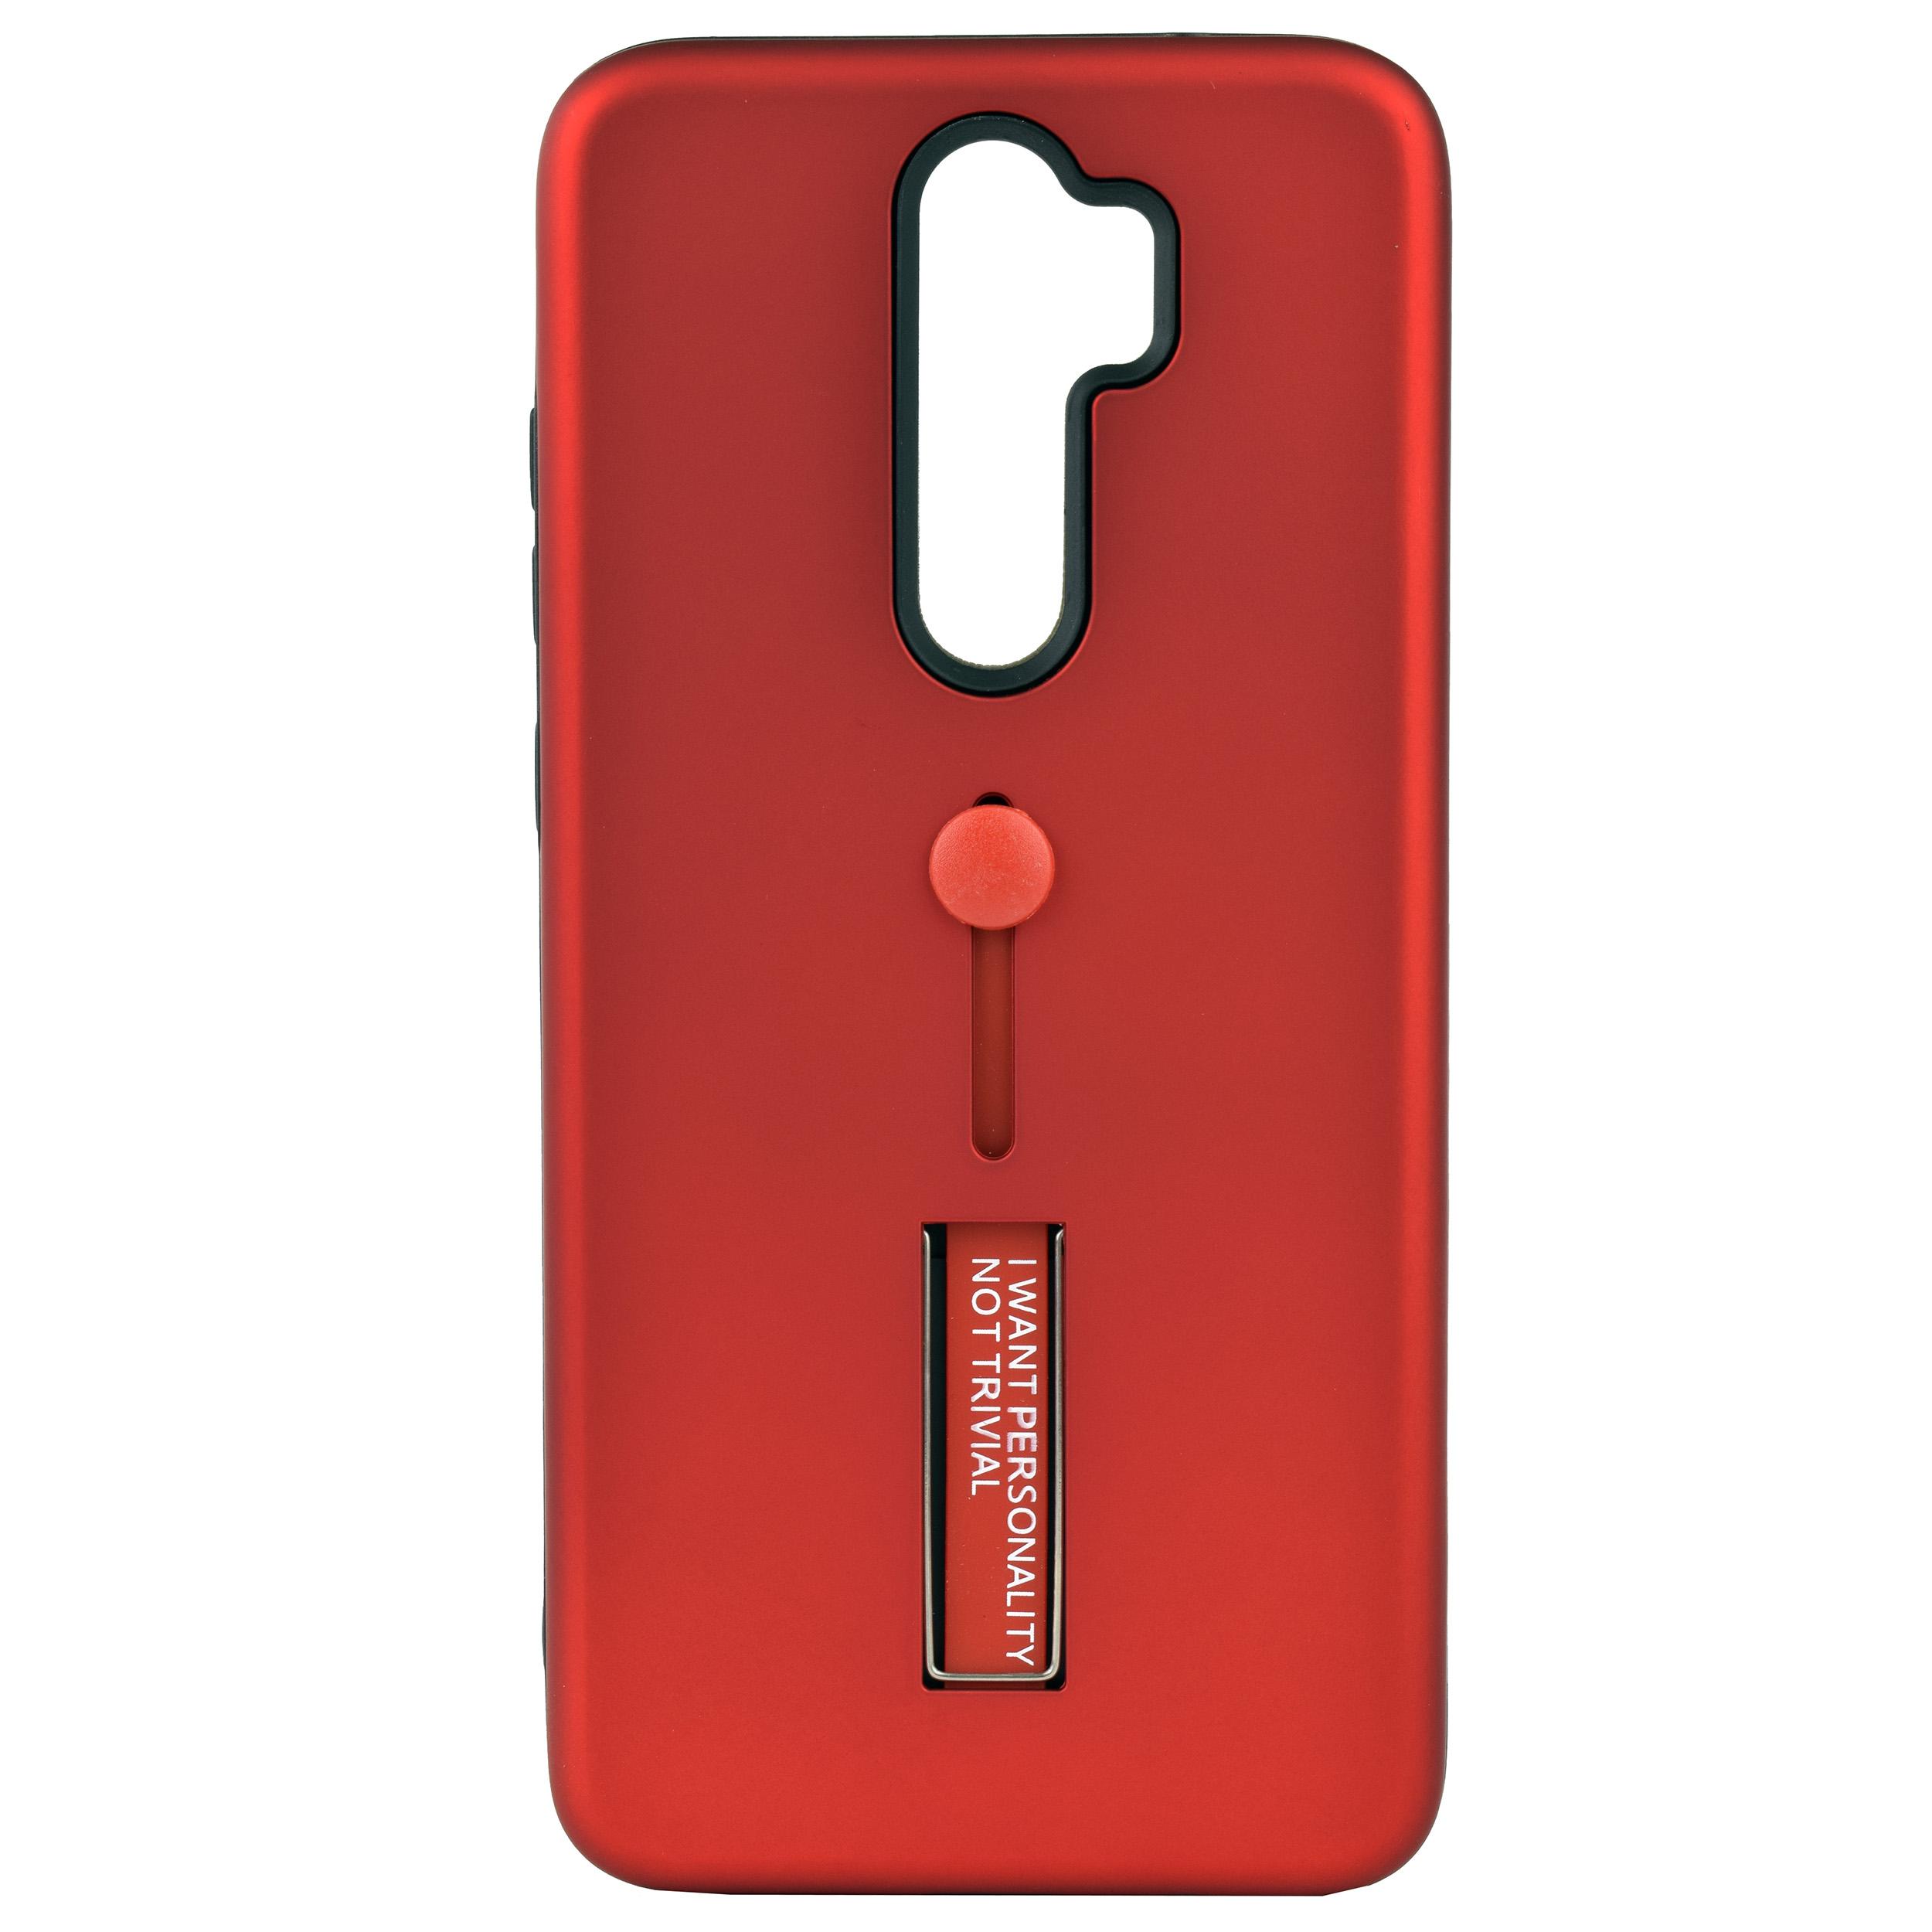 کاور مدل FAS20 مناسب برای گوشی موبایل شیائومی Note 8 Pro              ( قیمت و خرید)